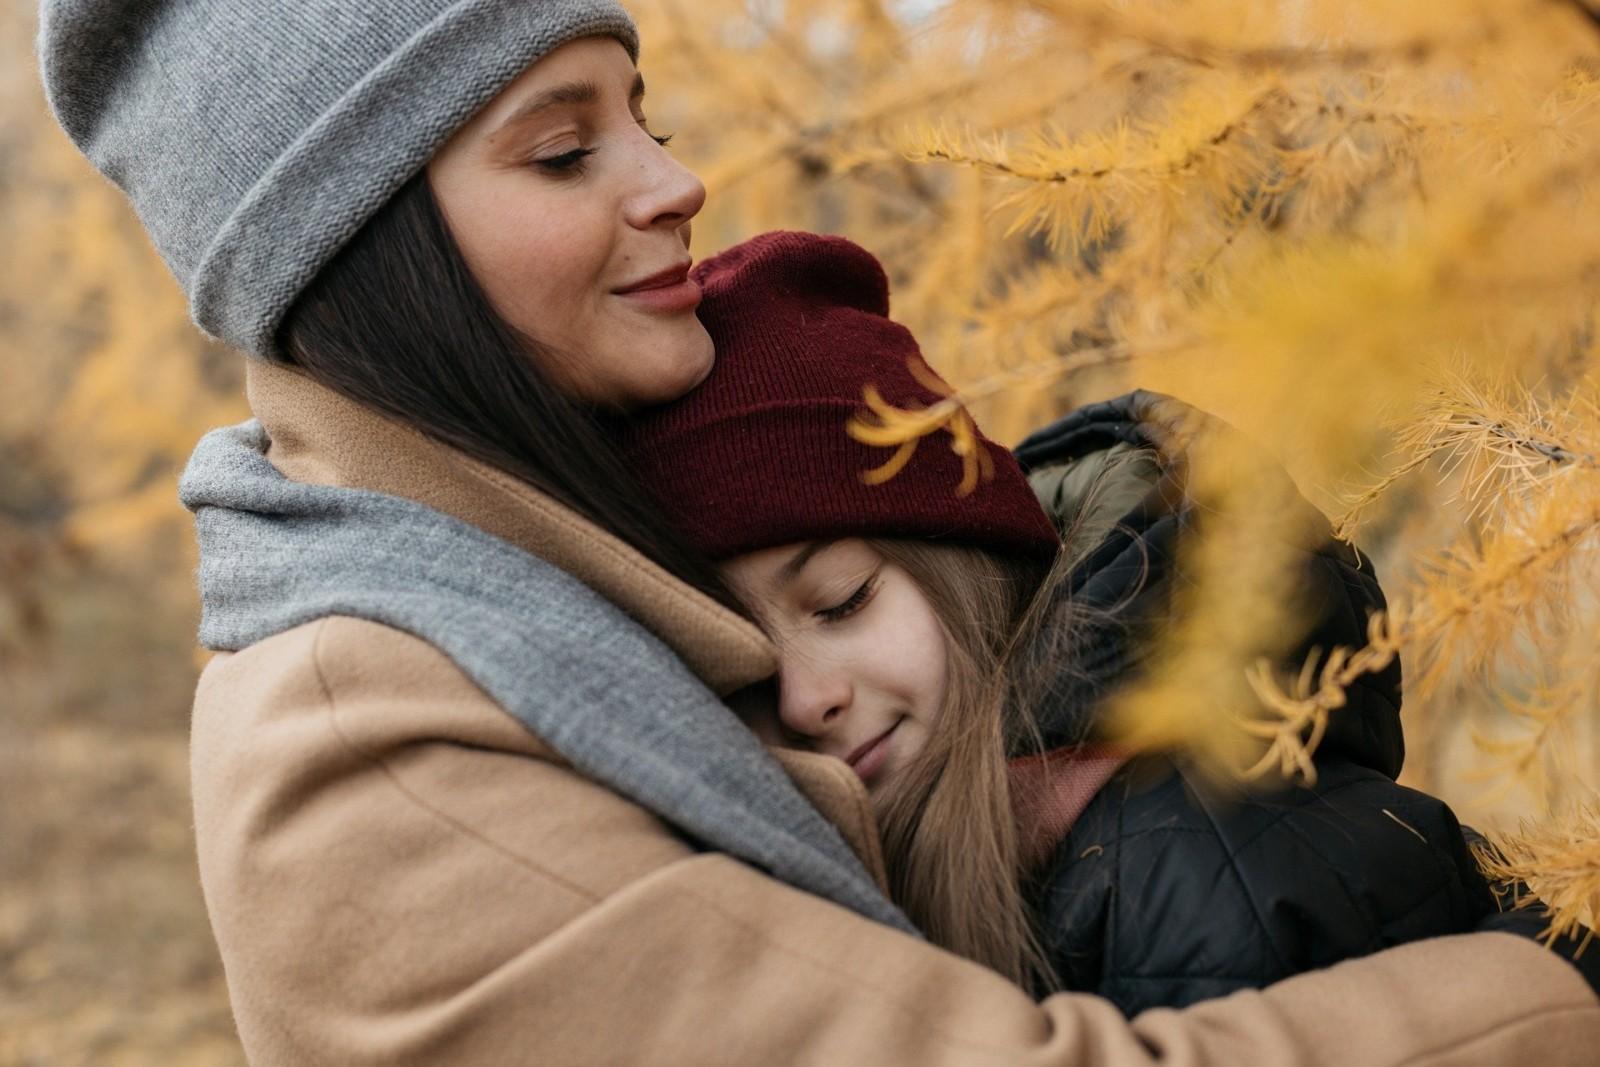 Nainen ja tyttö halaavat toisiaan syksyisessä metsässä.